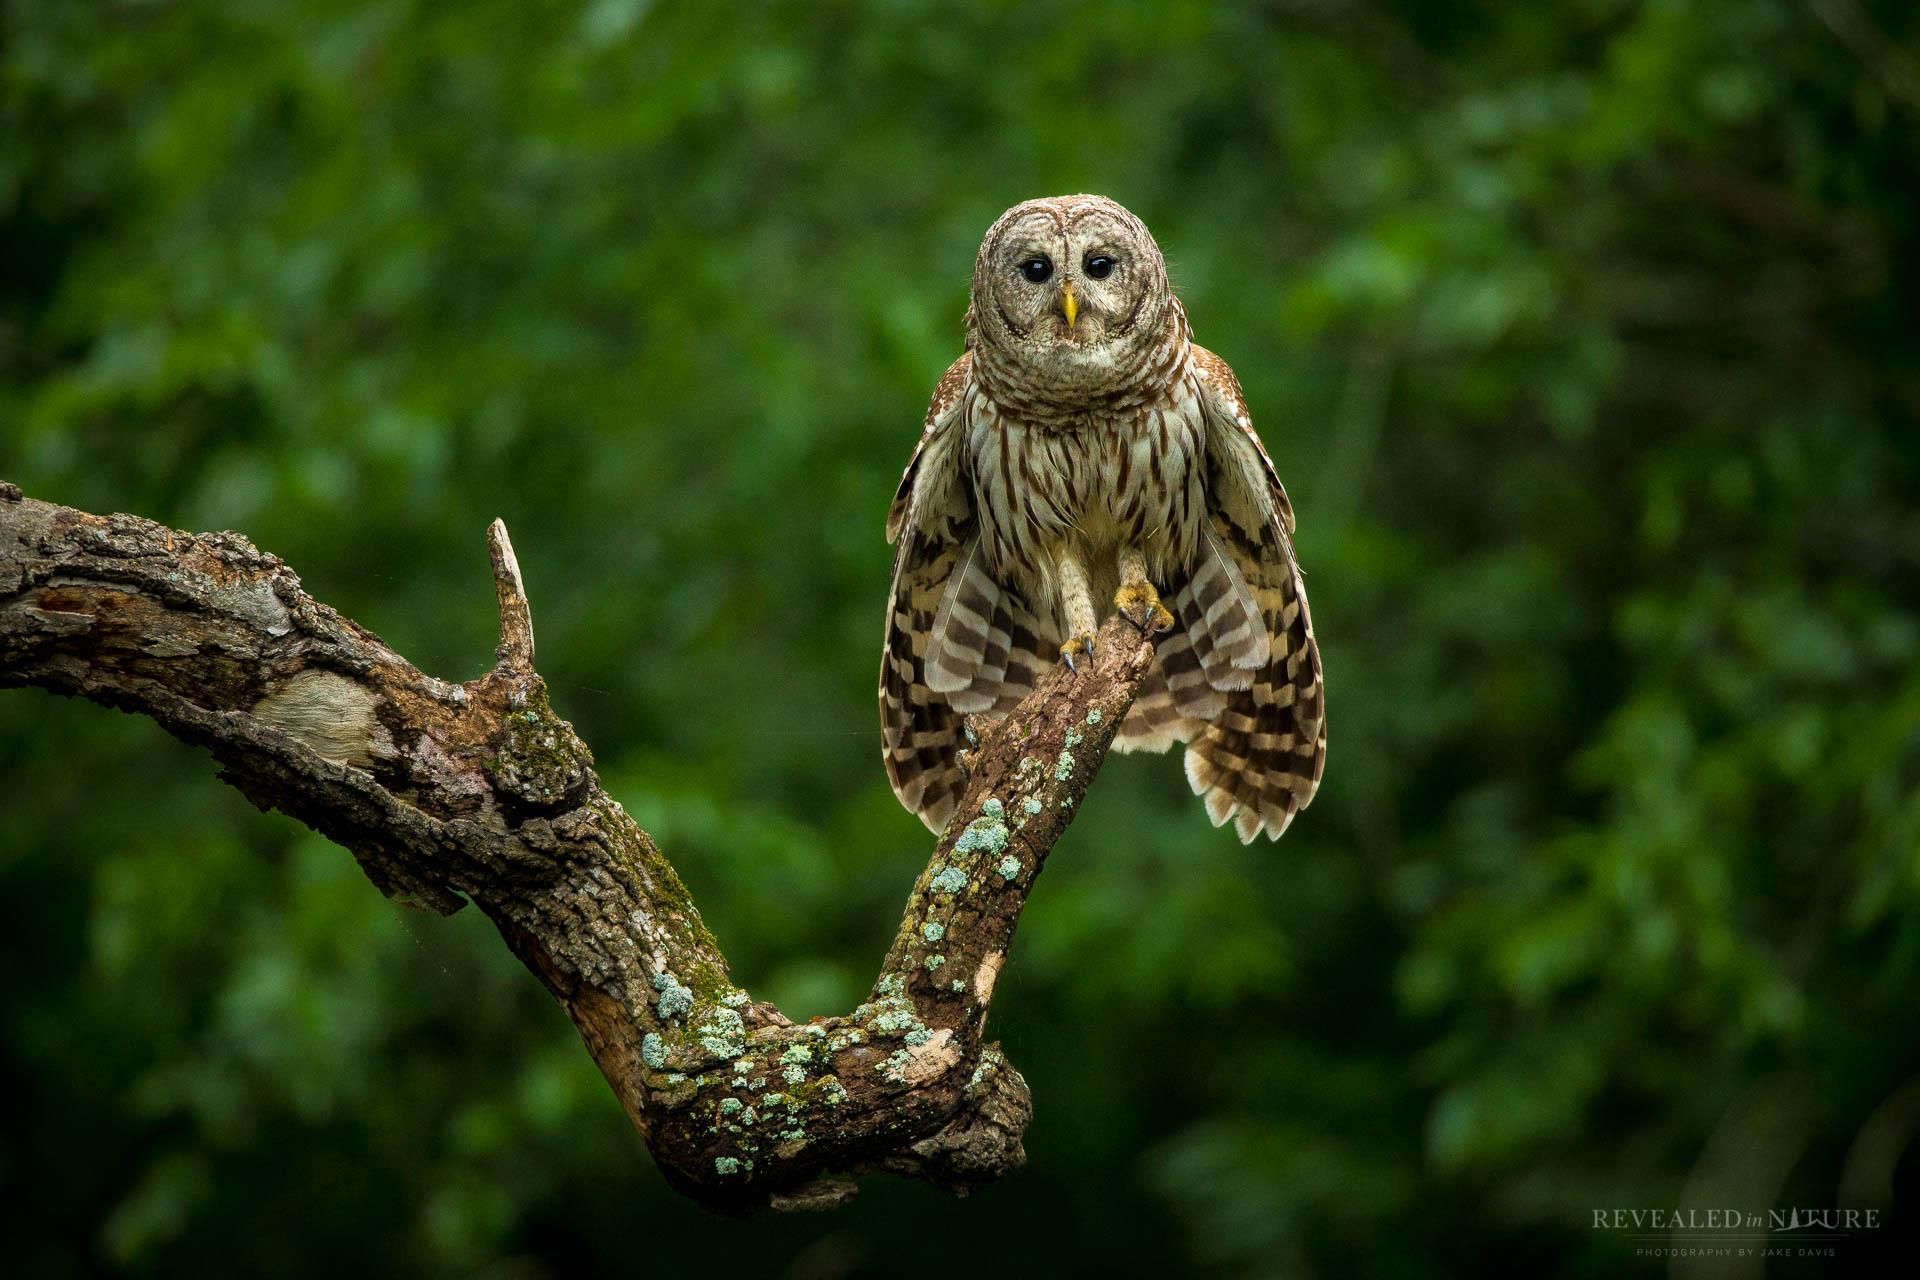 Texas Bird Photography